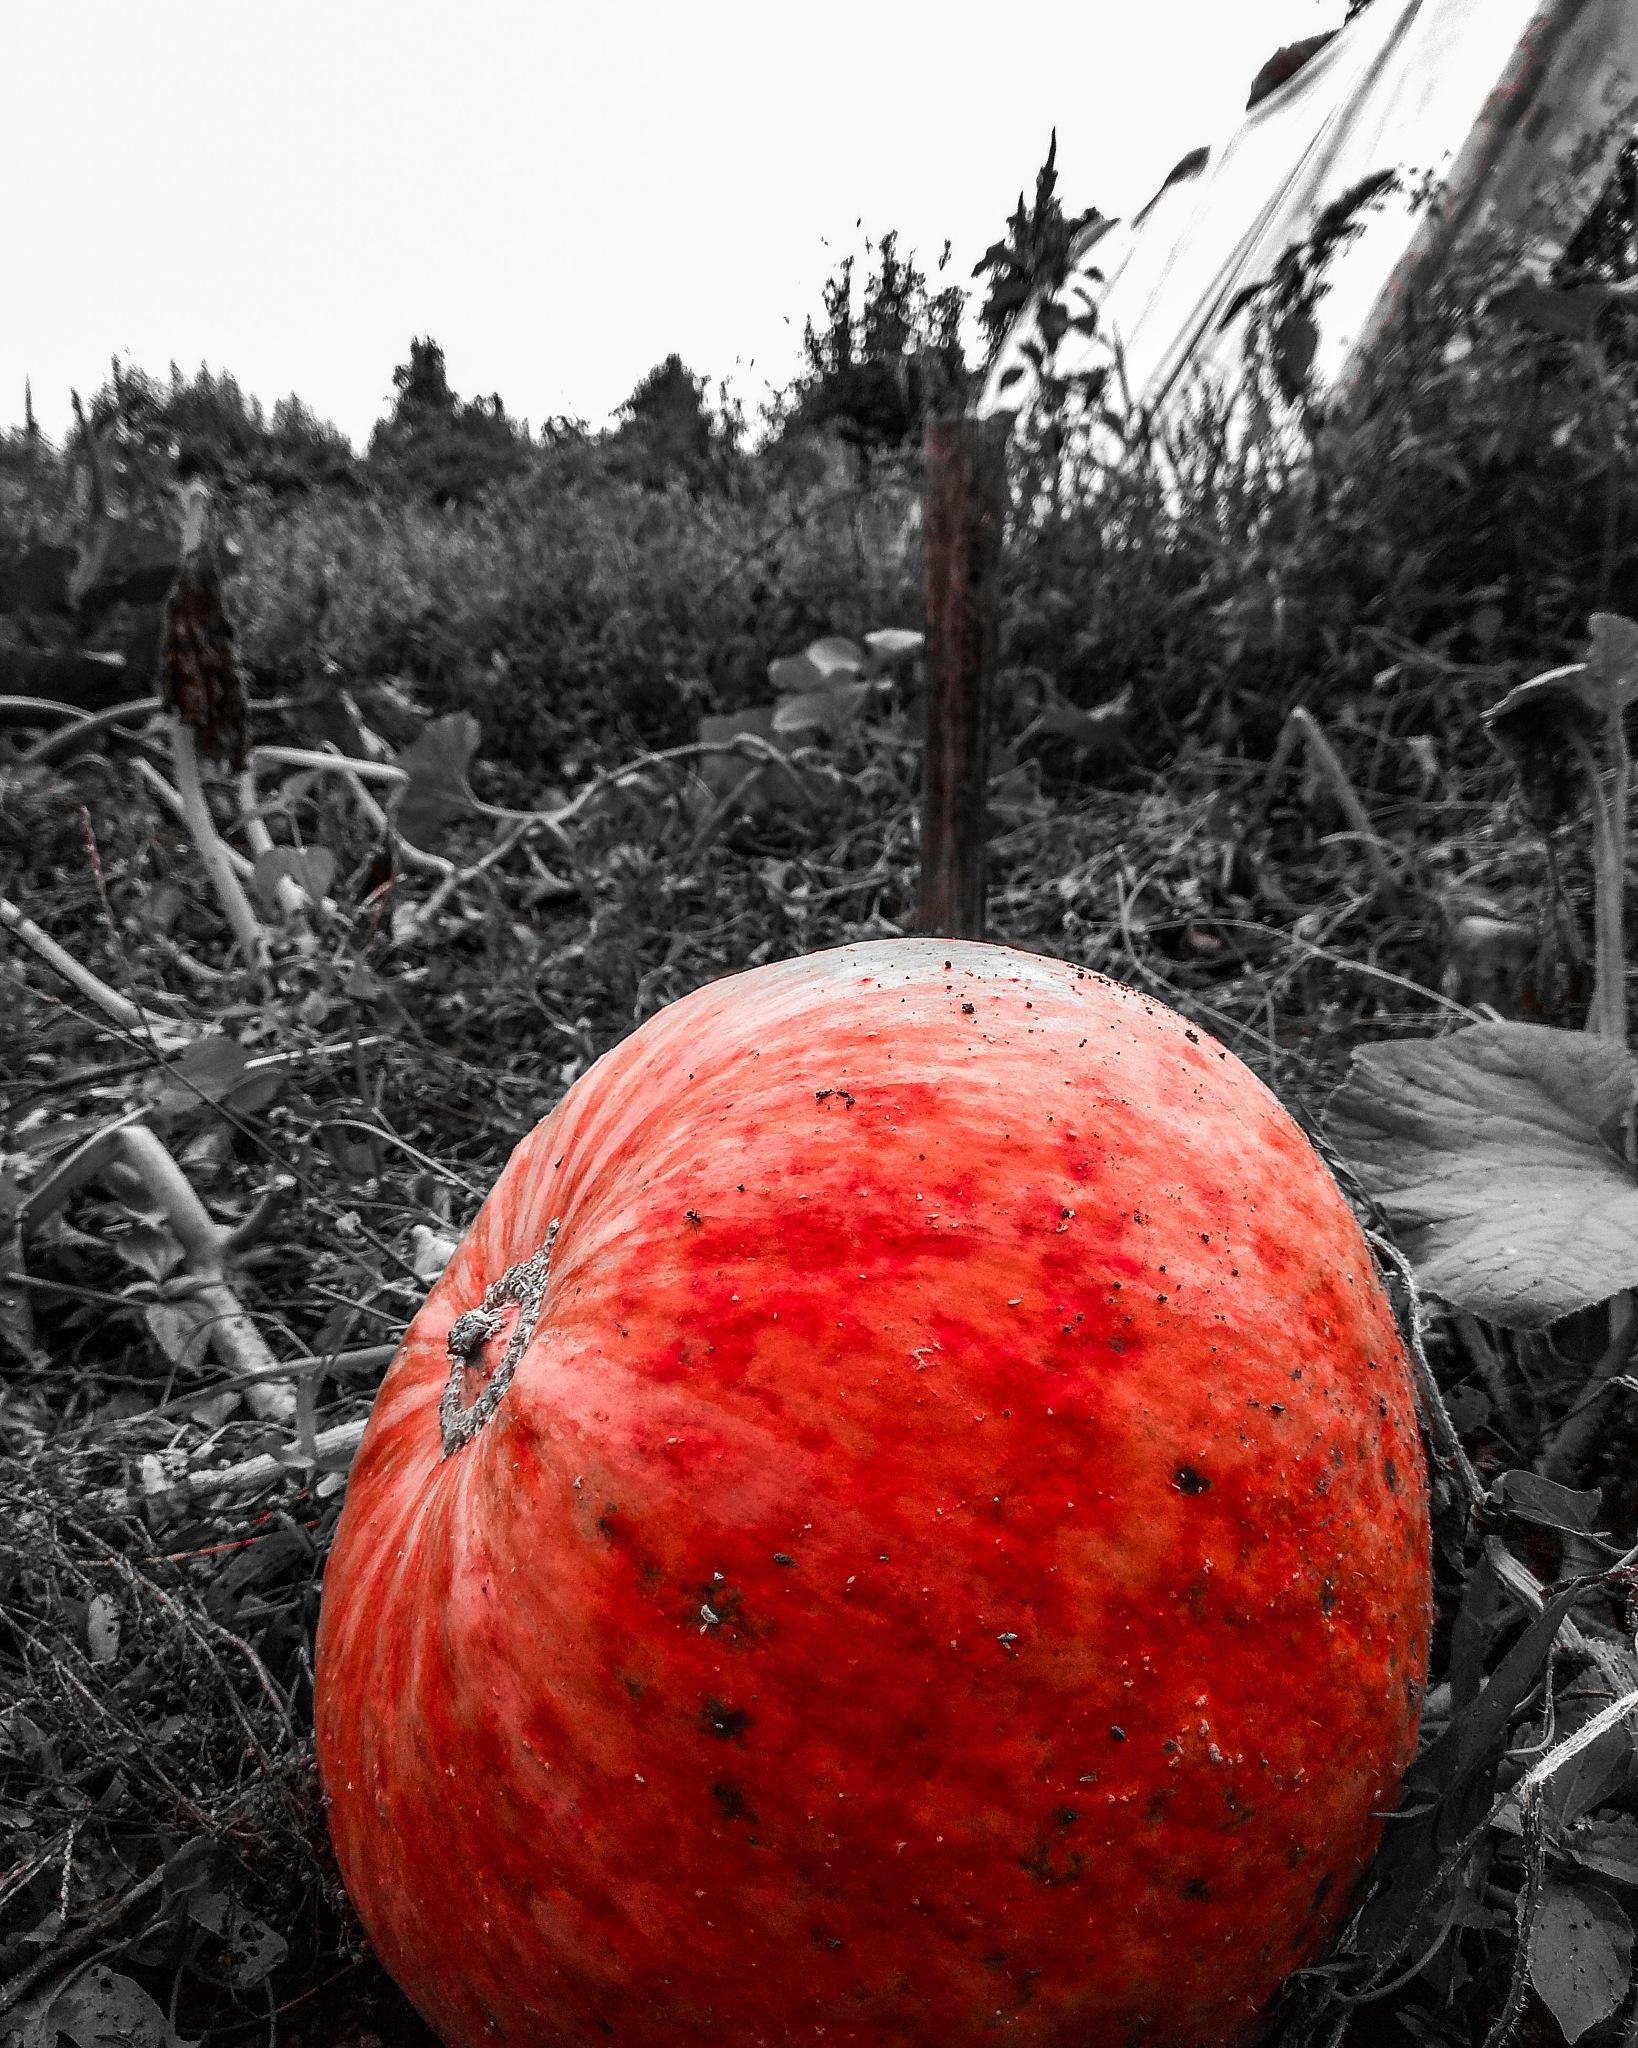 pumpkin by Johny_photography